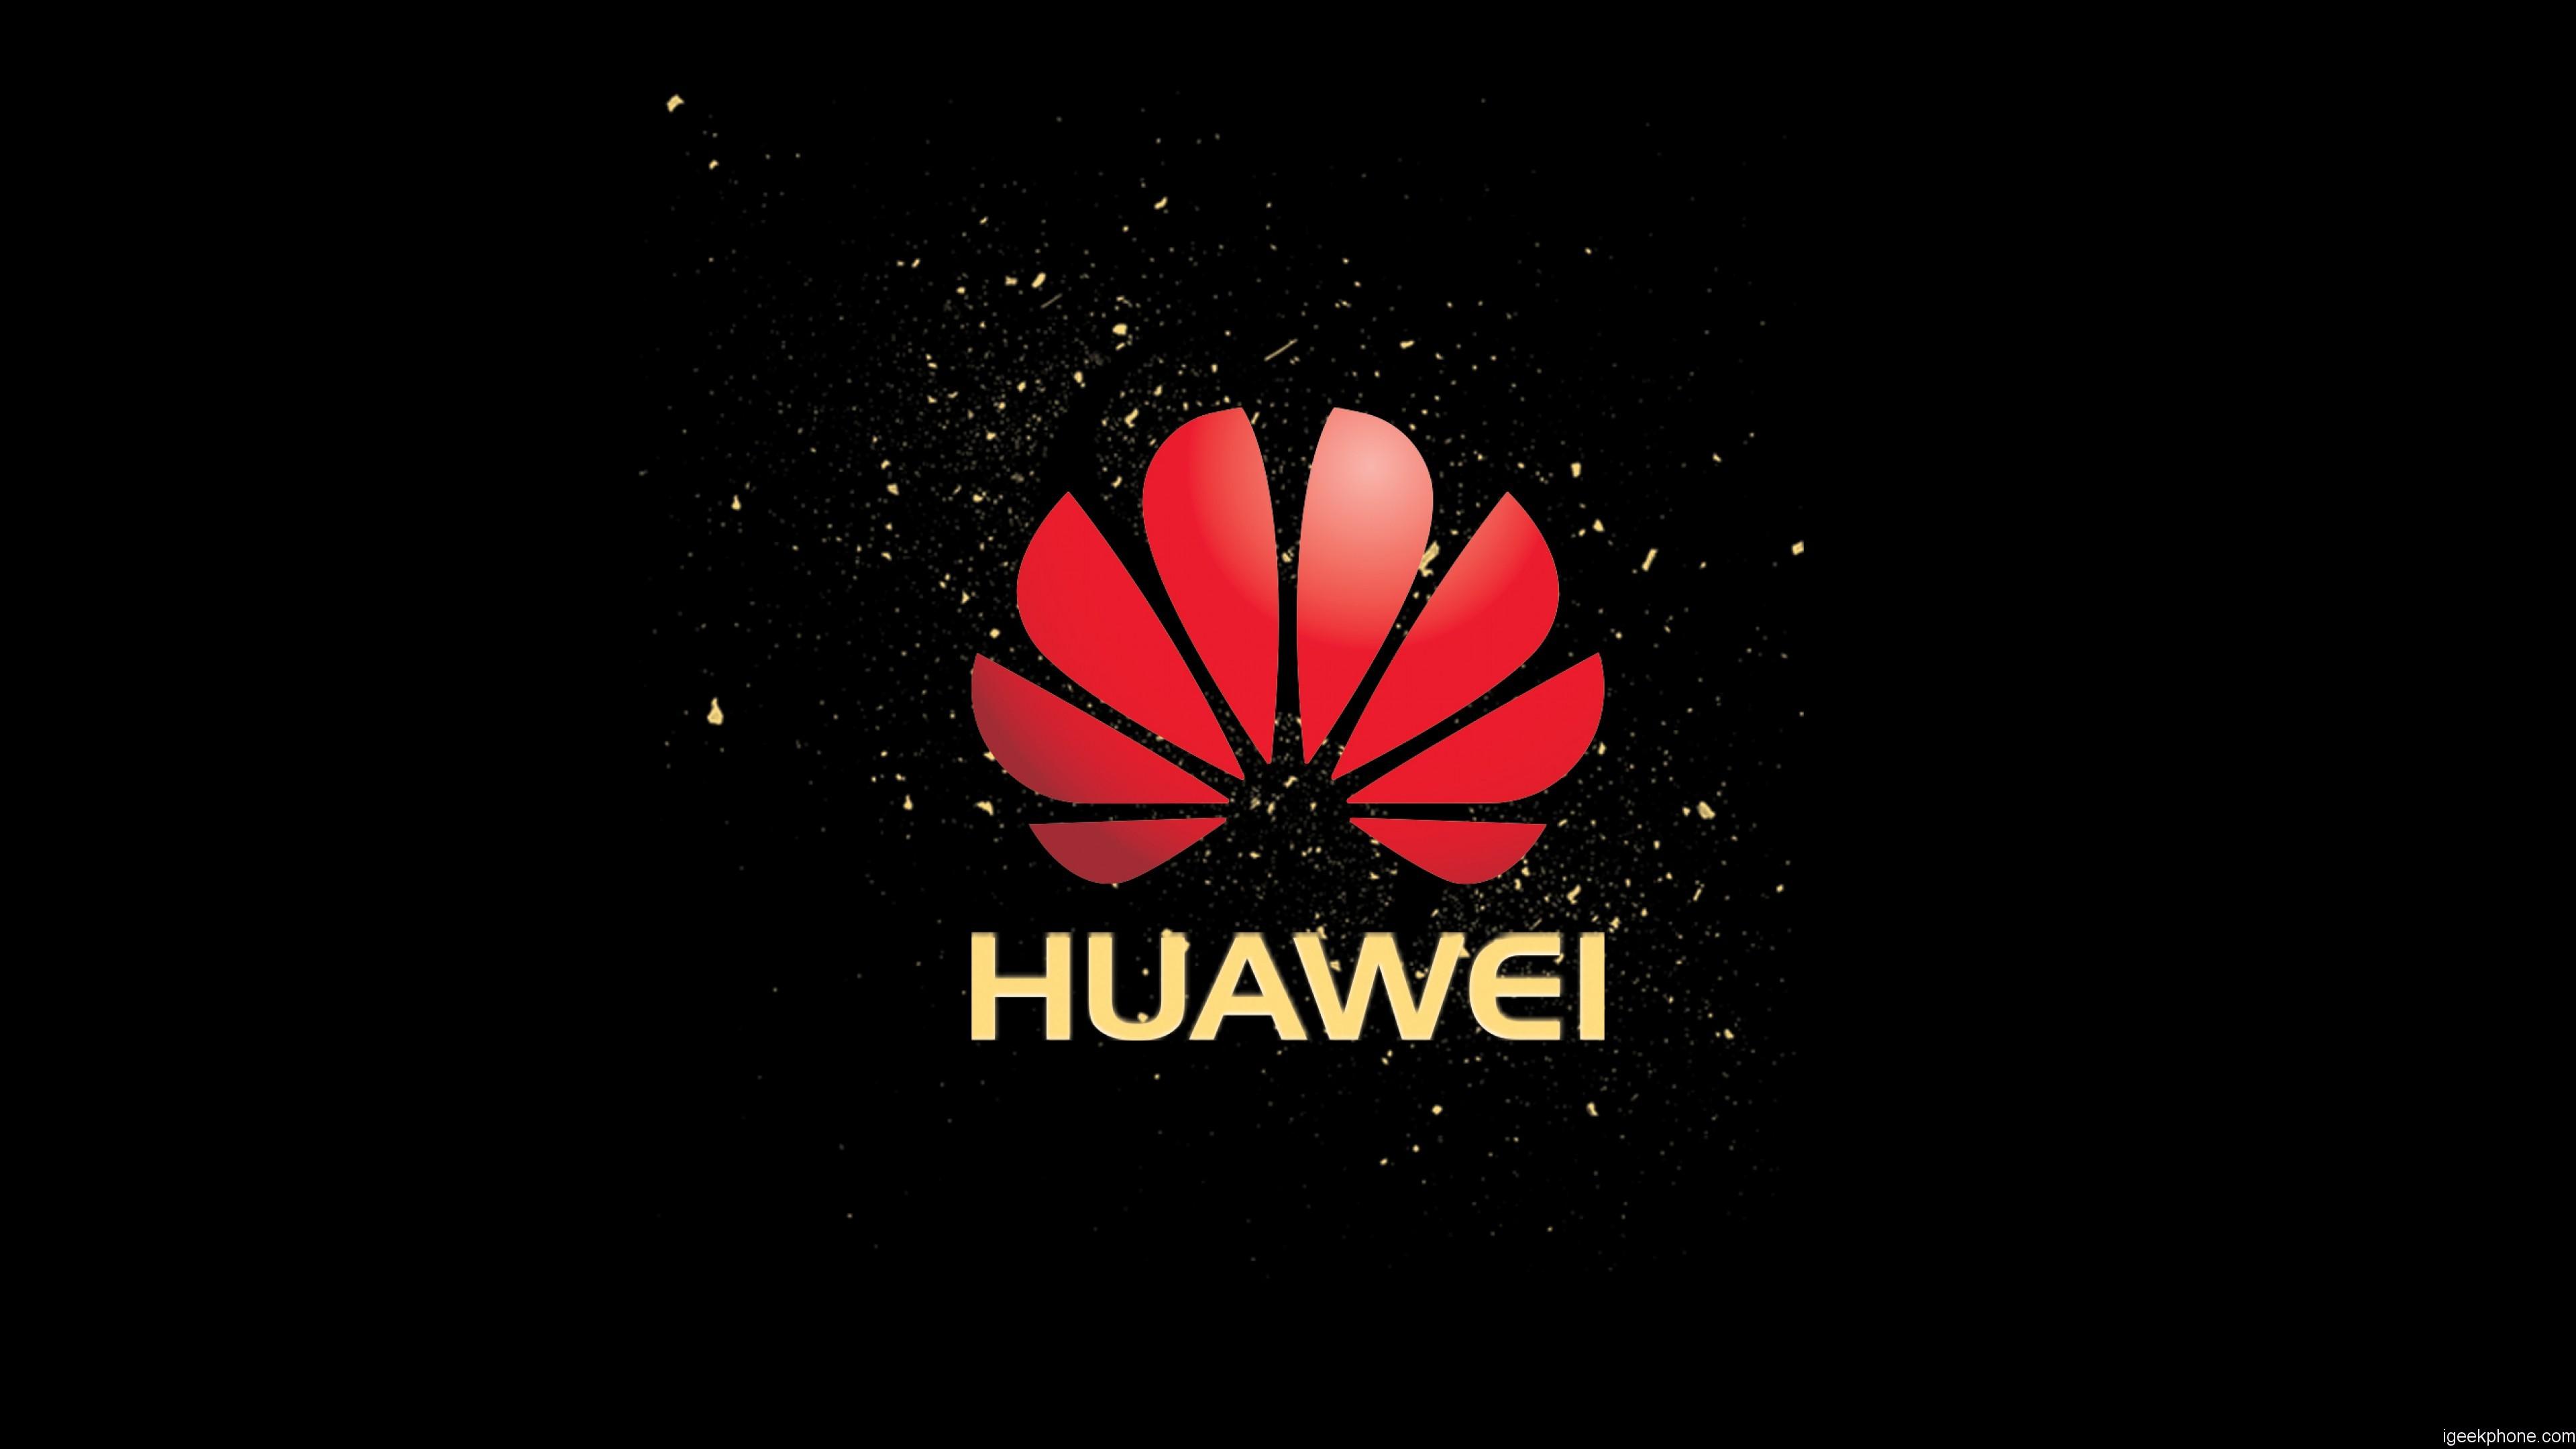 Huawei busca estudiantes colombianos de cualquier carrera profesional, técnica o tecnológica